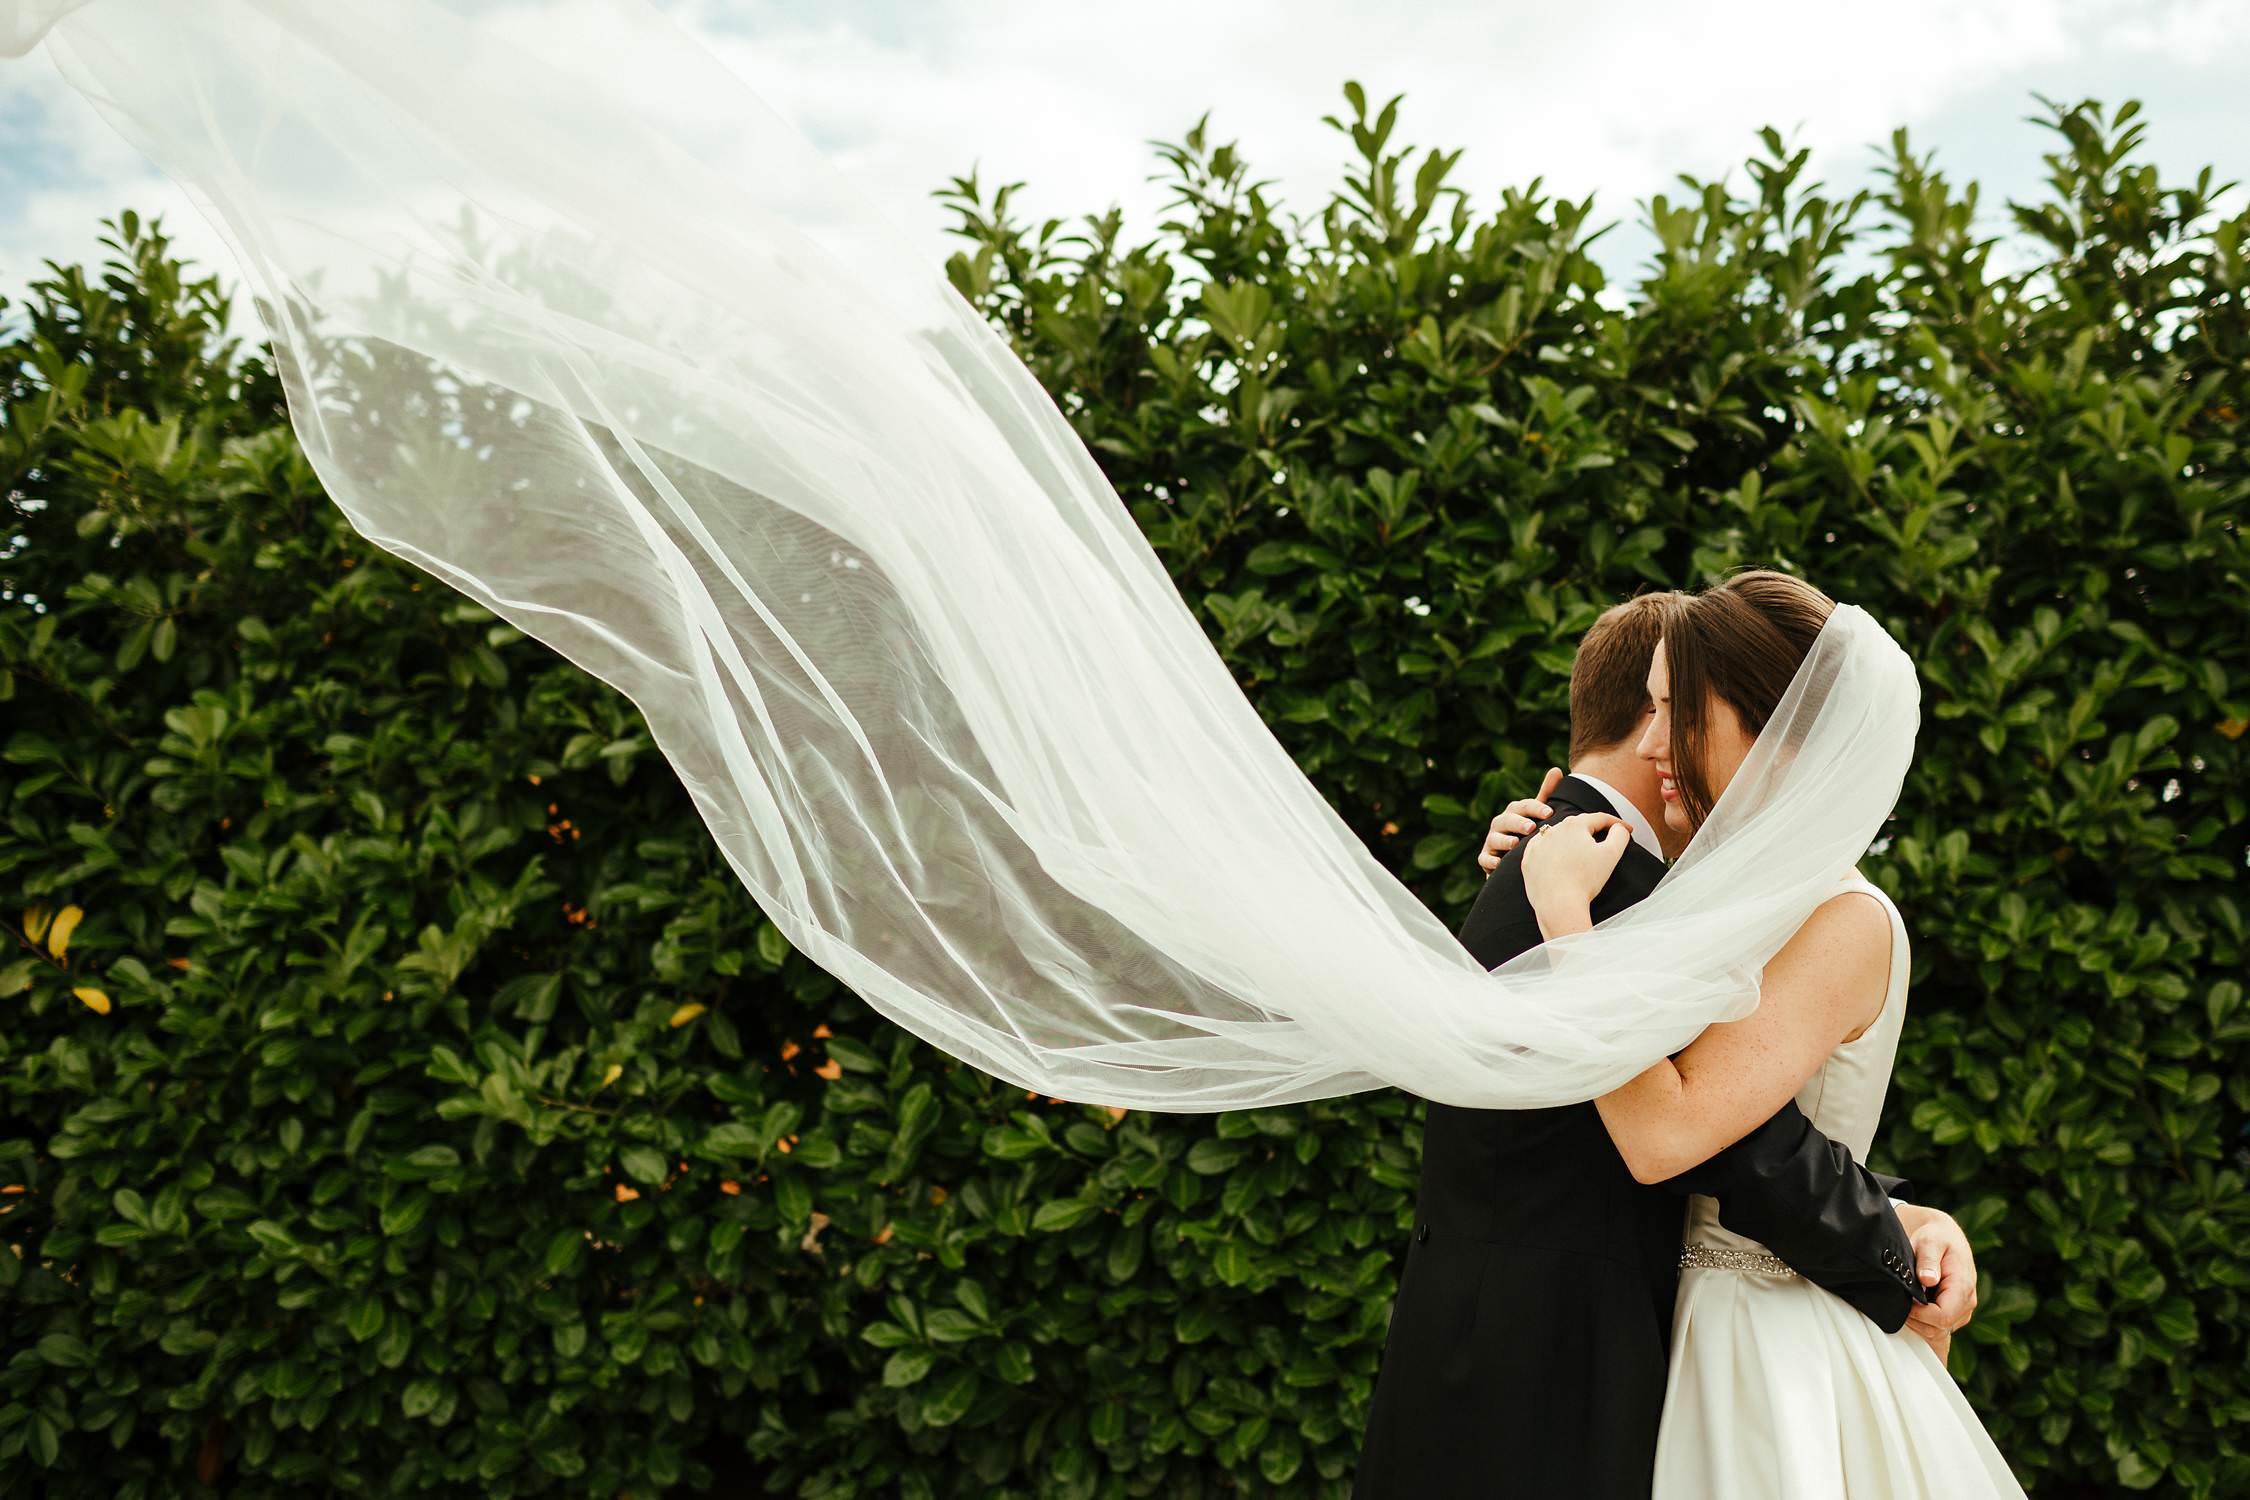 Buckinghamshire-Wedding-Photography-125